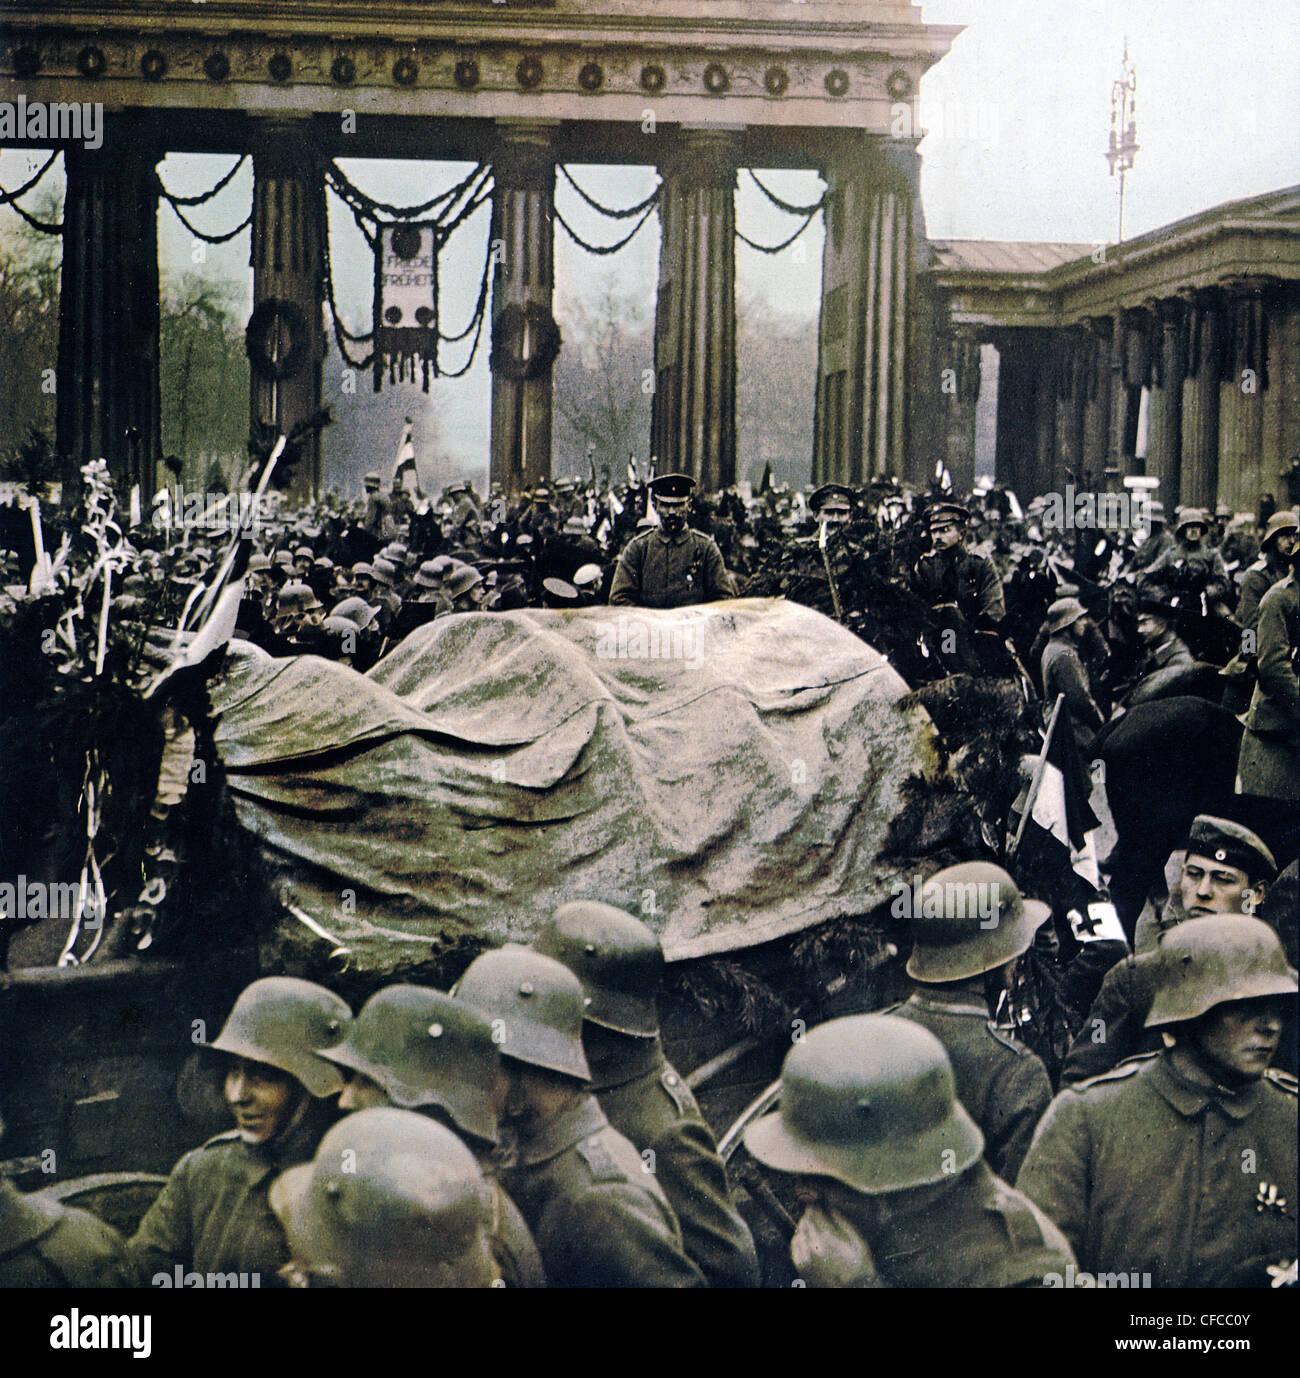 Las tropas armadas, delantero, Capitán Pabst, marchando, Puerta de Brandeburgo, Berlín, desarmar, revolución, Imagen De Stock